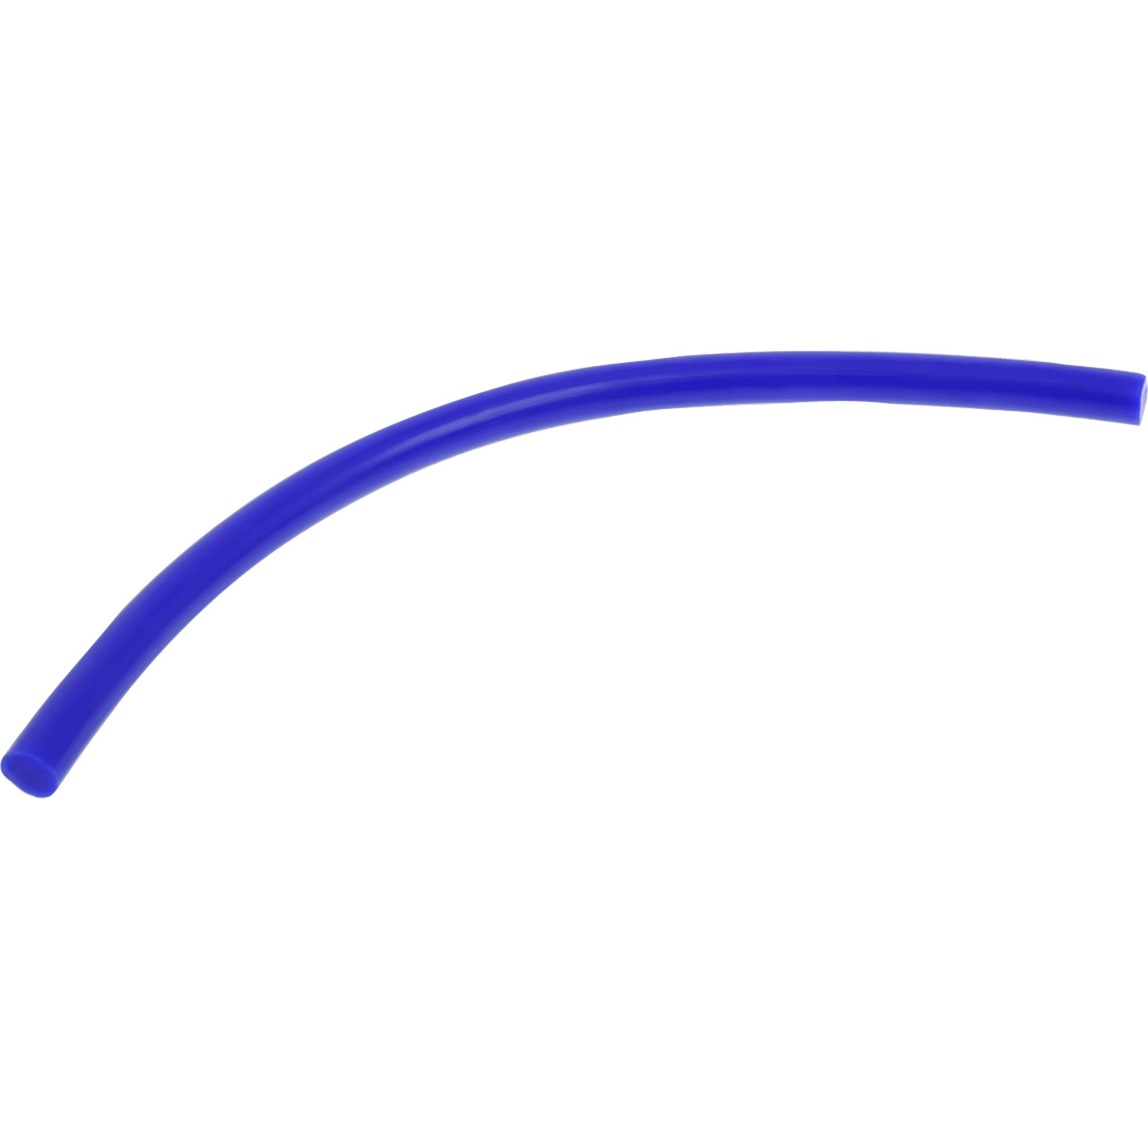 29127 hardware accesorio de refrigeración Azul, Modding